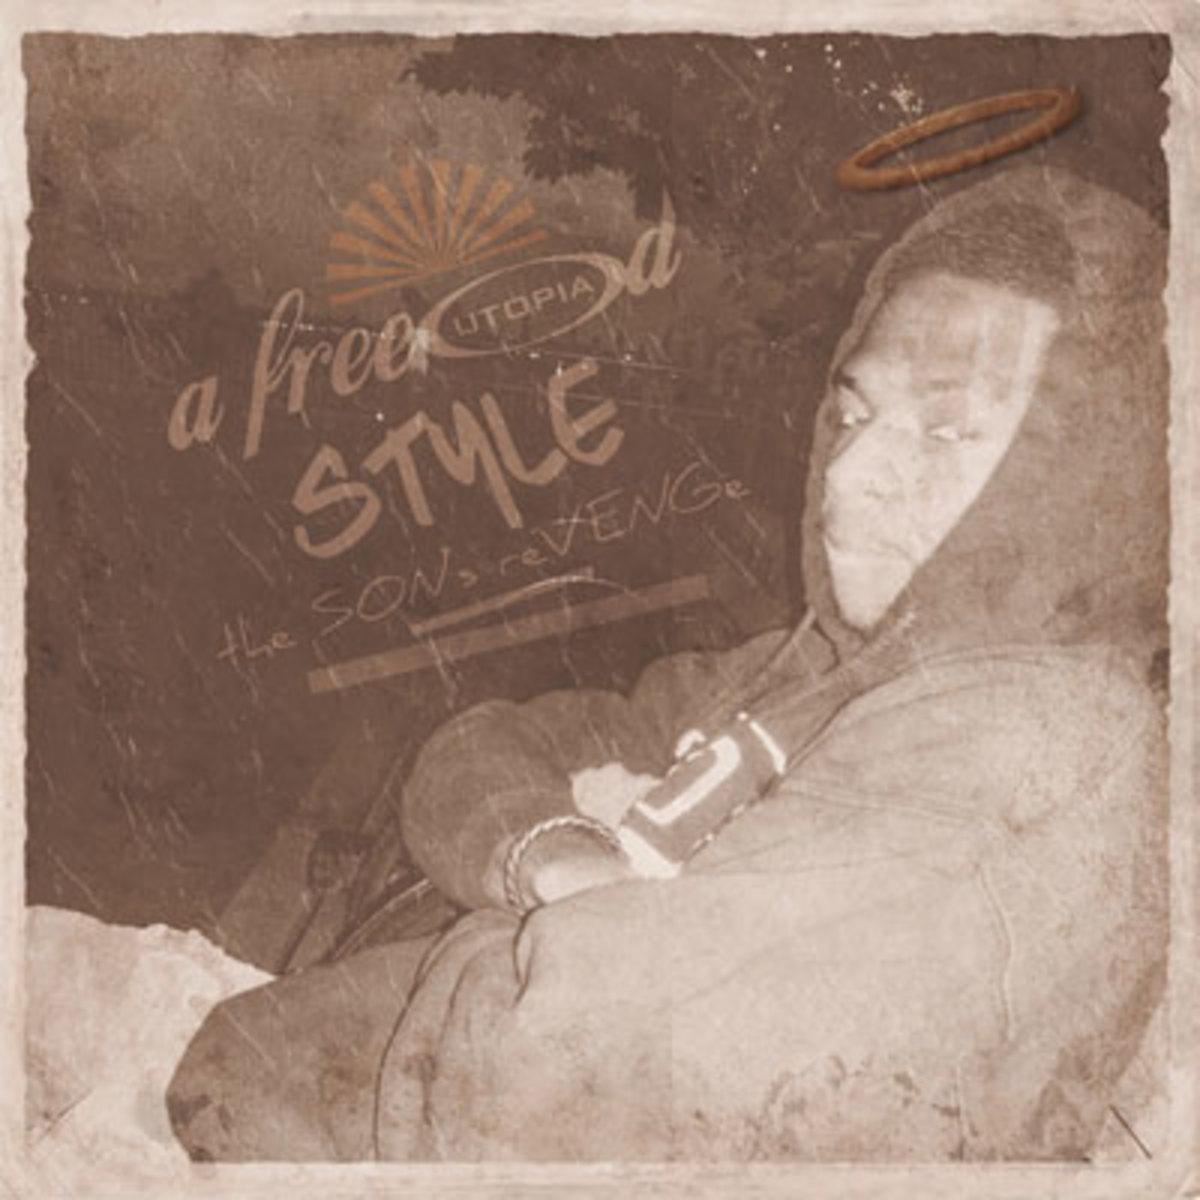 drewgodson-afreestyled2.jpg